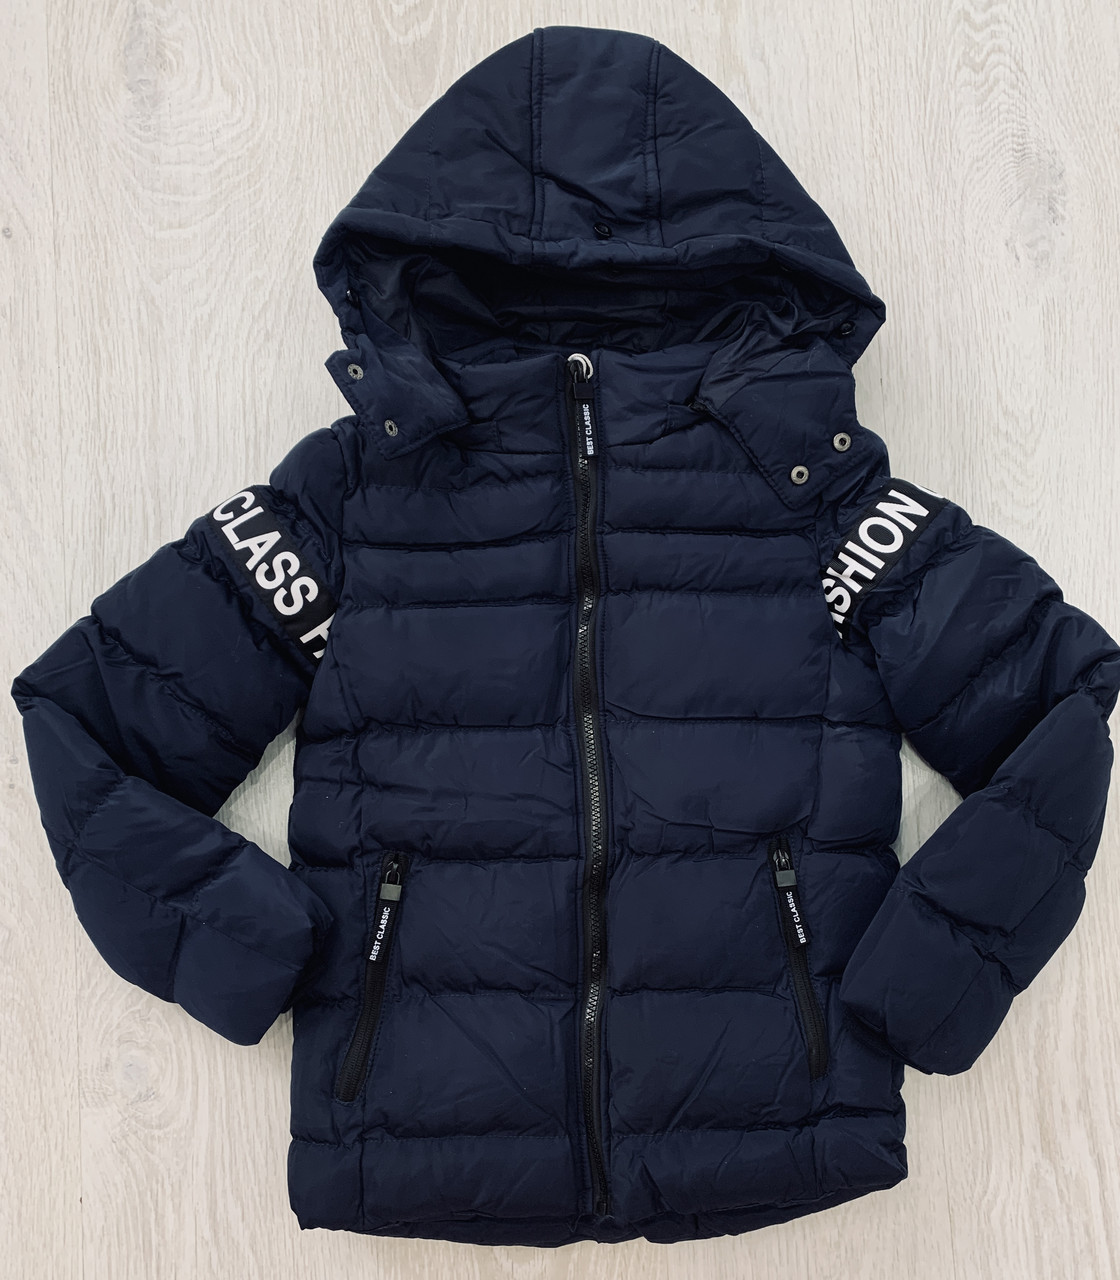 Куртка пуховик зимняя для мальчика, S&D, арт. 0028